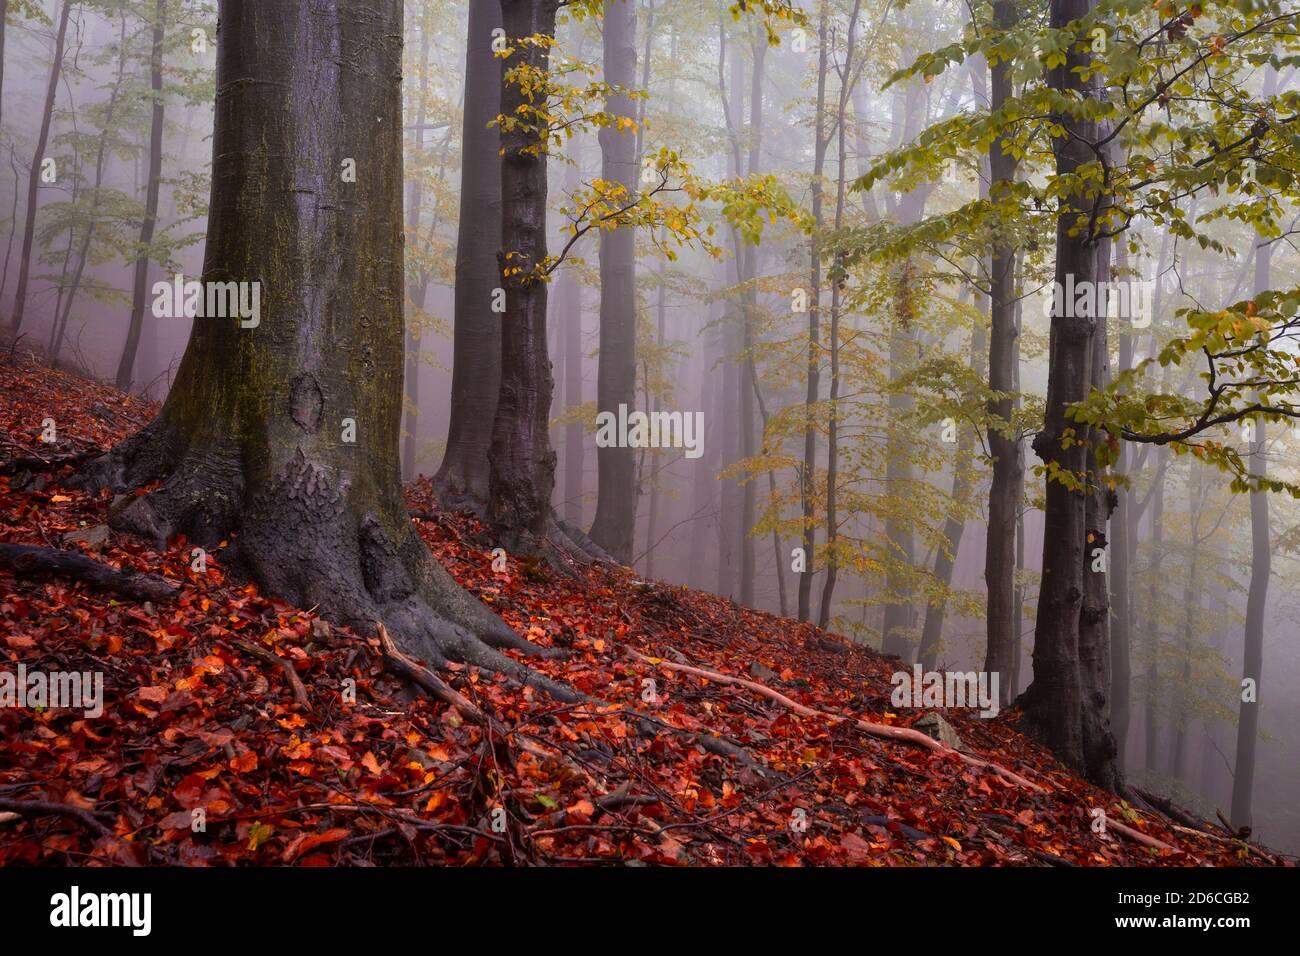 Forêt de hêtres dans le parc national de Mala Fatra par temps pluvieux, Slovaquie. Banque D'Images